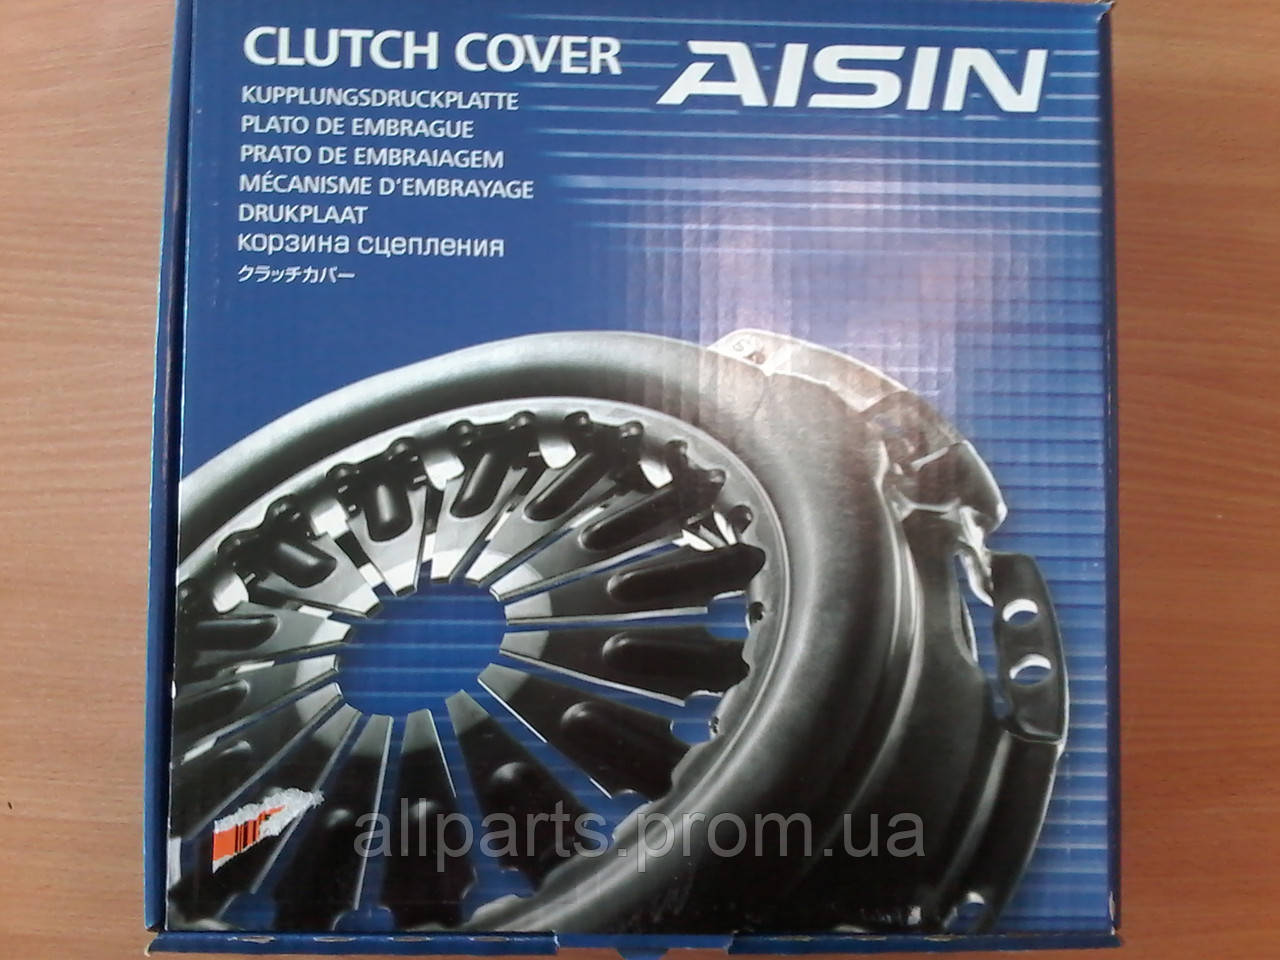 Комплект сцепления, диск, корзина Aisin (страна производитель Япония)